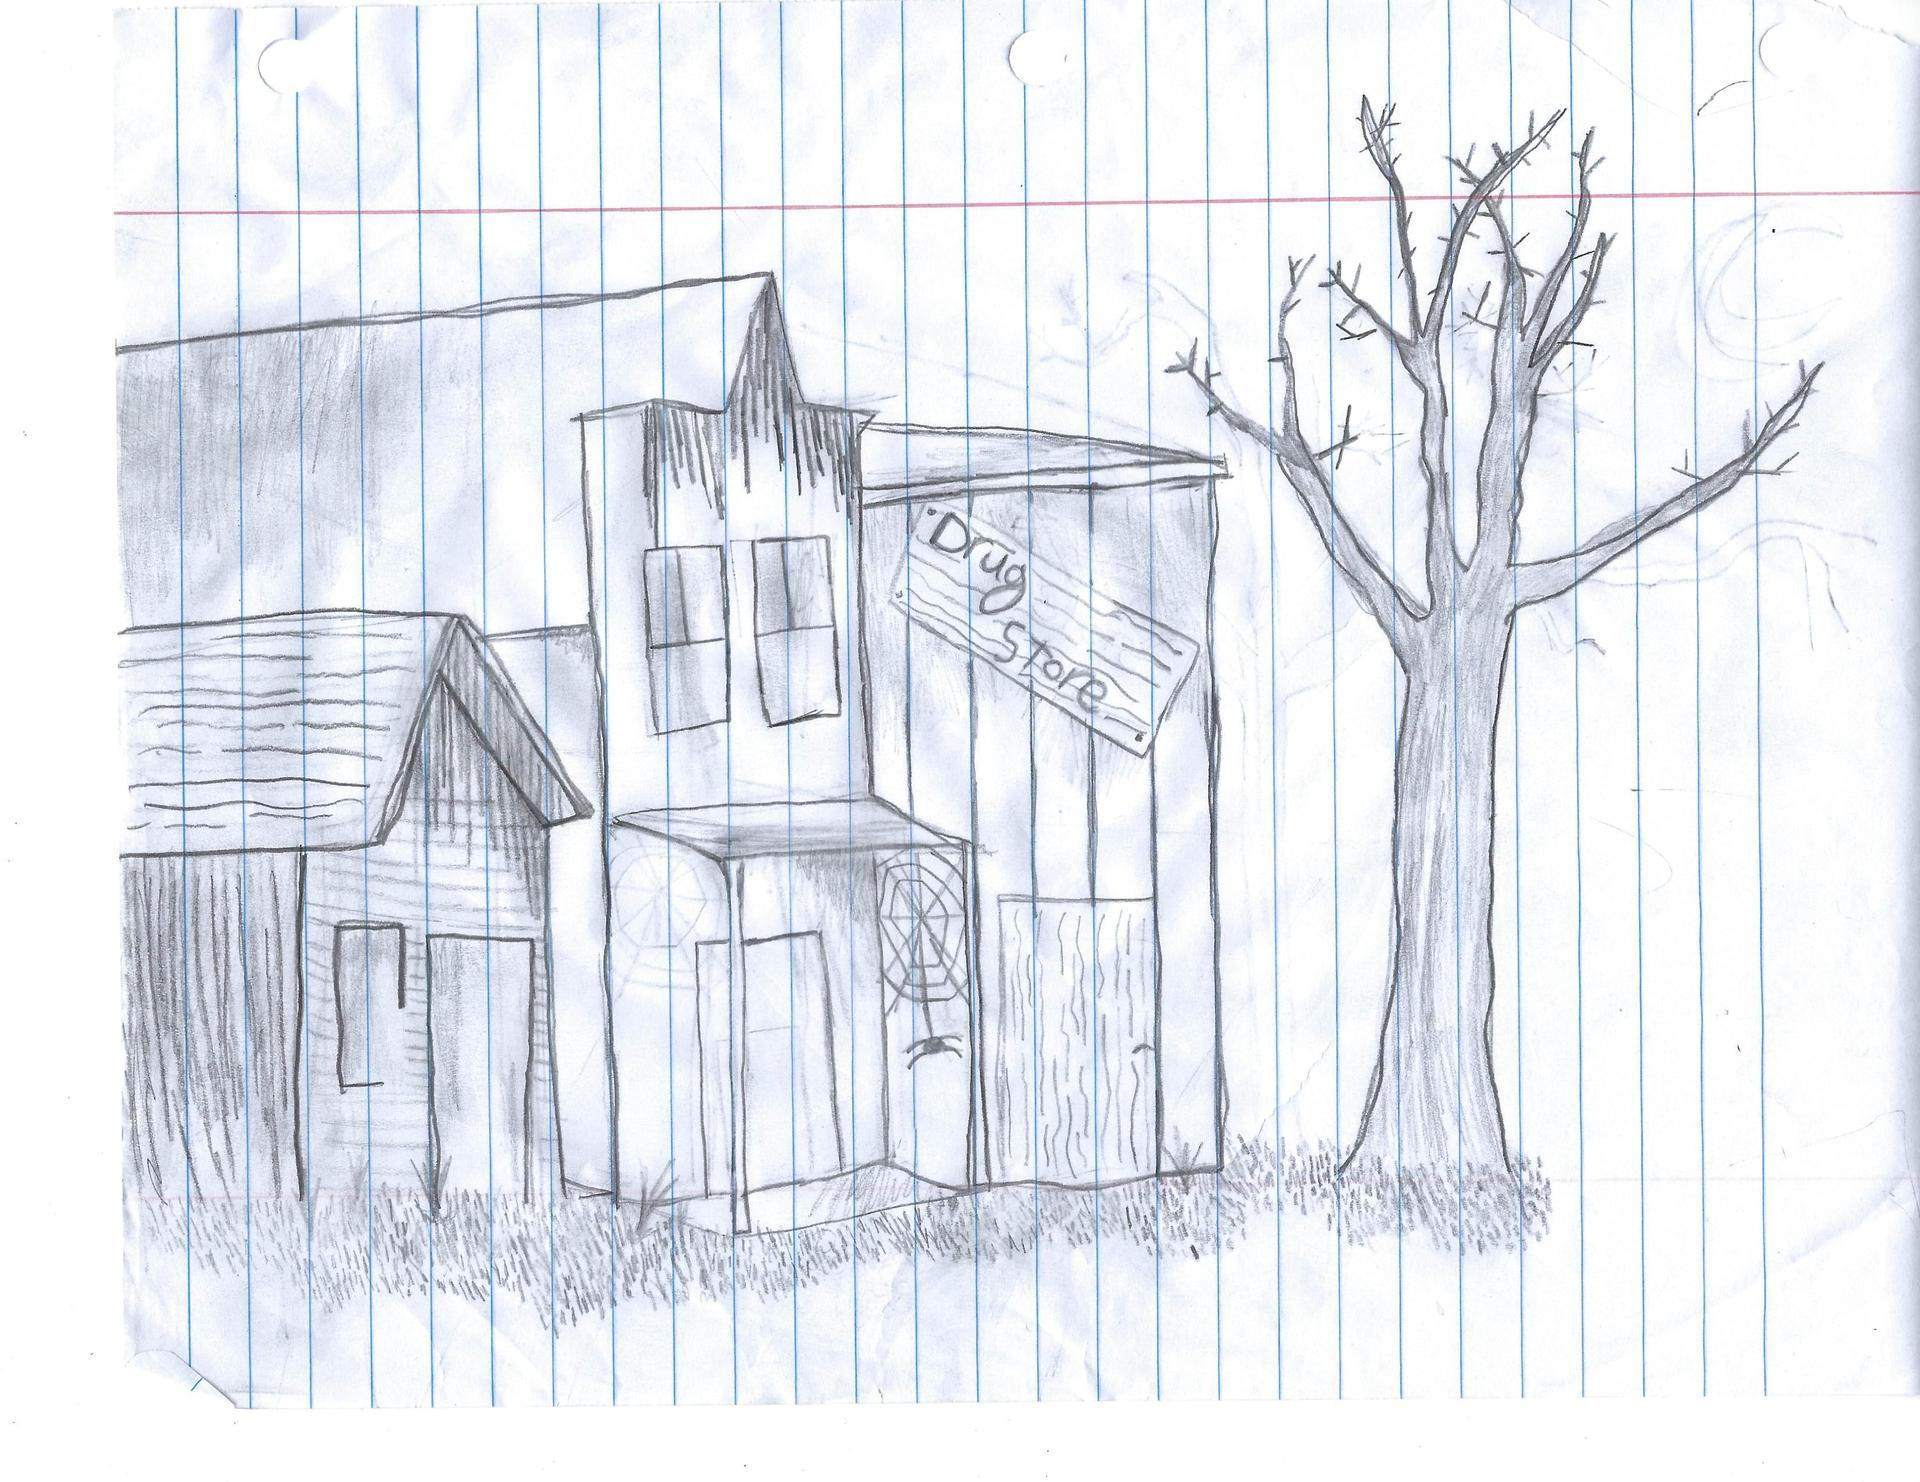 Madalyn's Ghost town